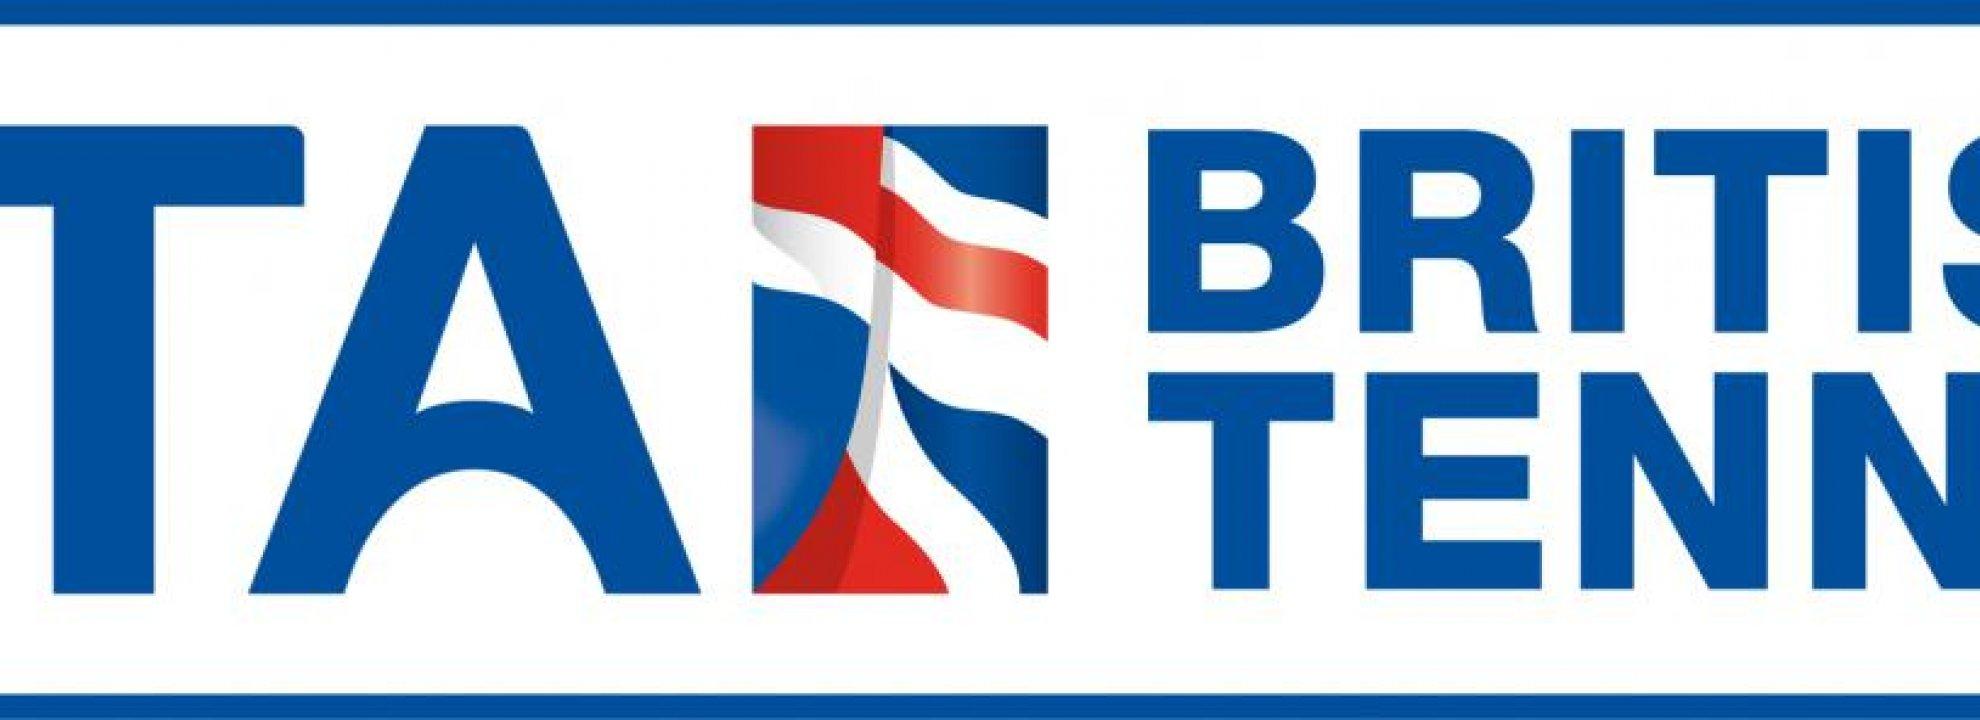 LTA - Facility Loan Scheme Banner